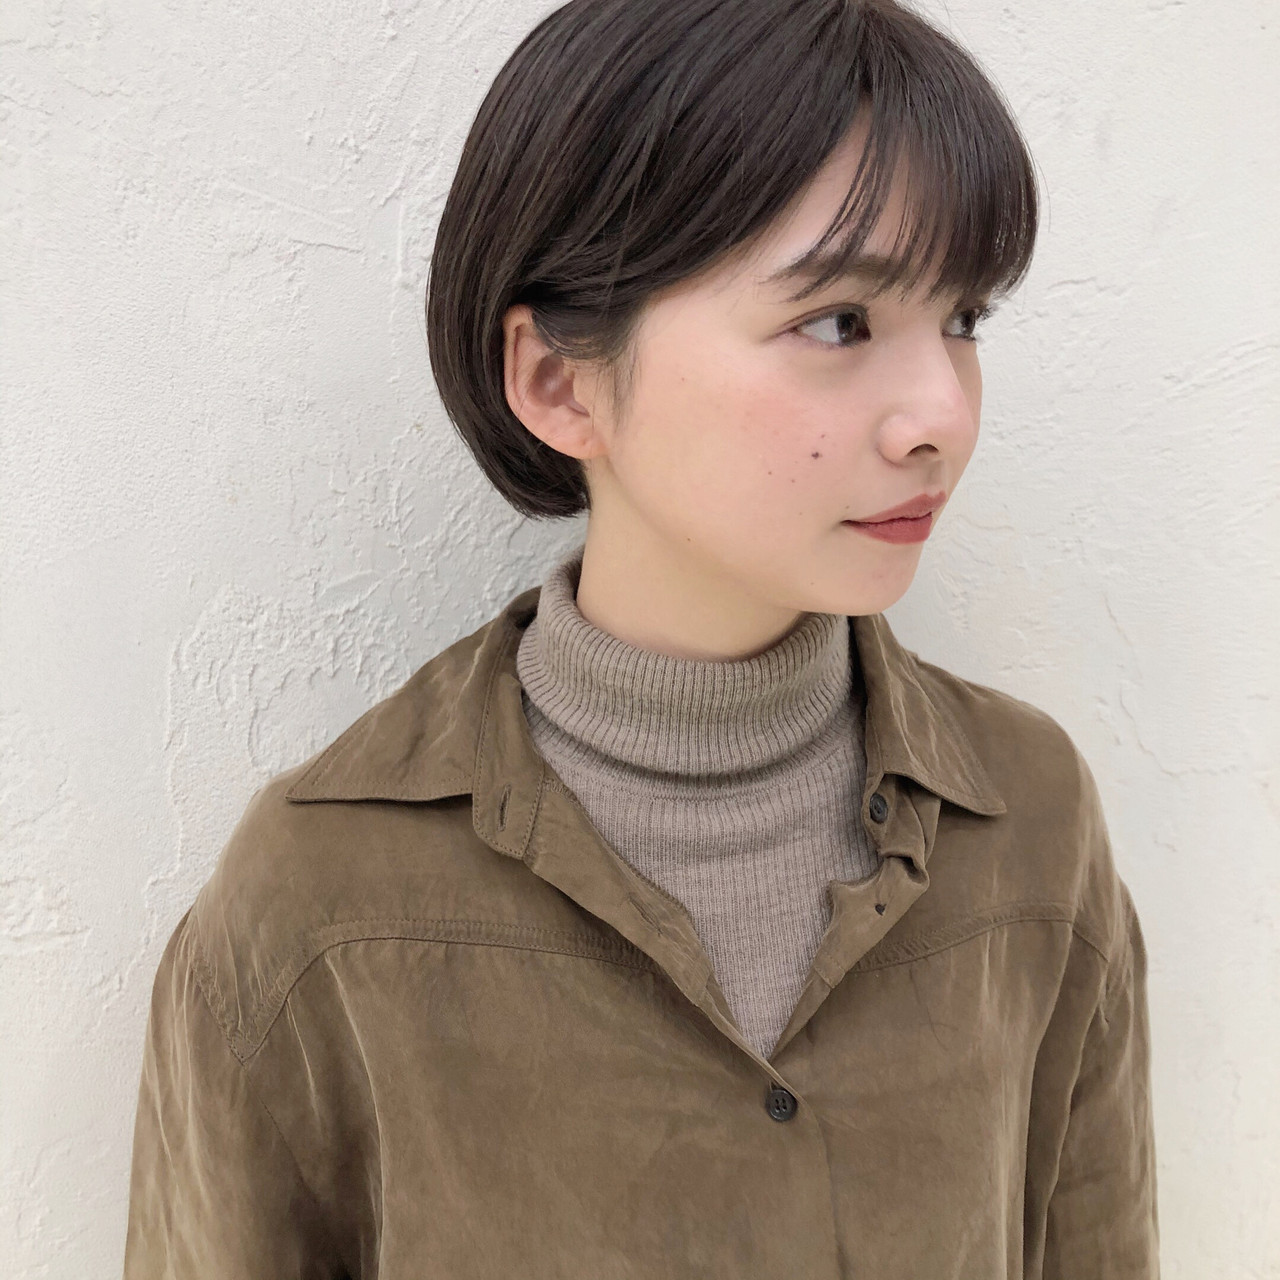 小顔ショート ショートボブ ショコラブラウン 透明感カラー ヘアスタイルや髪型の写真・画像